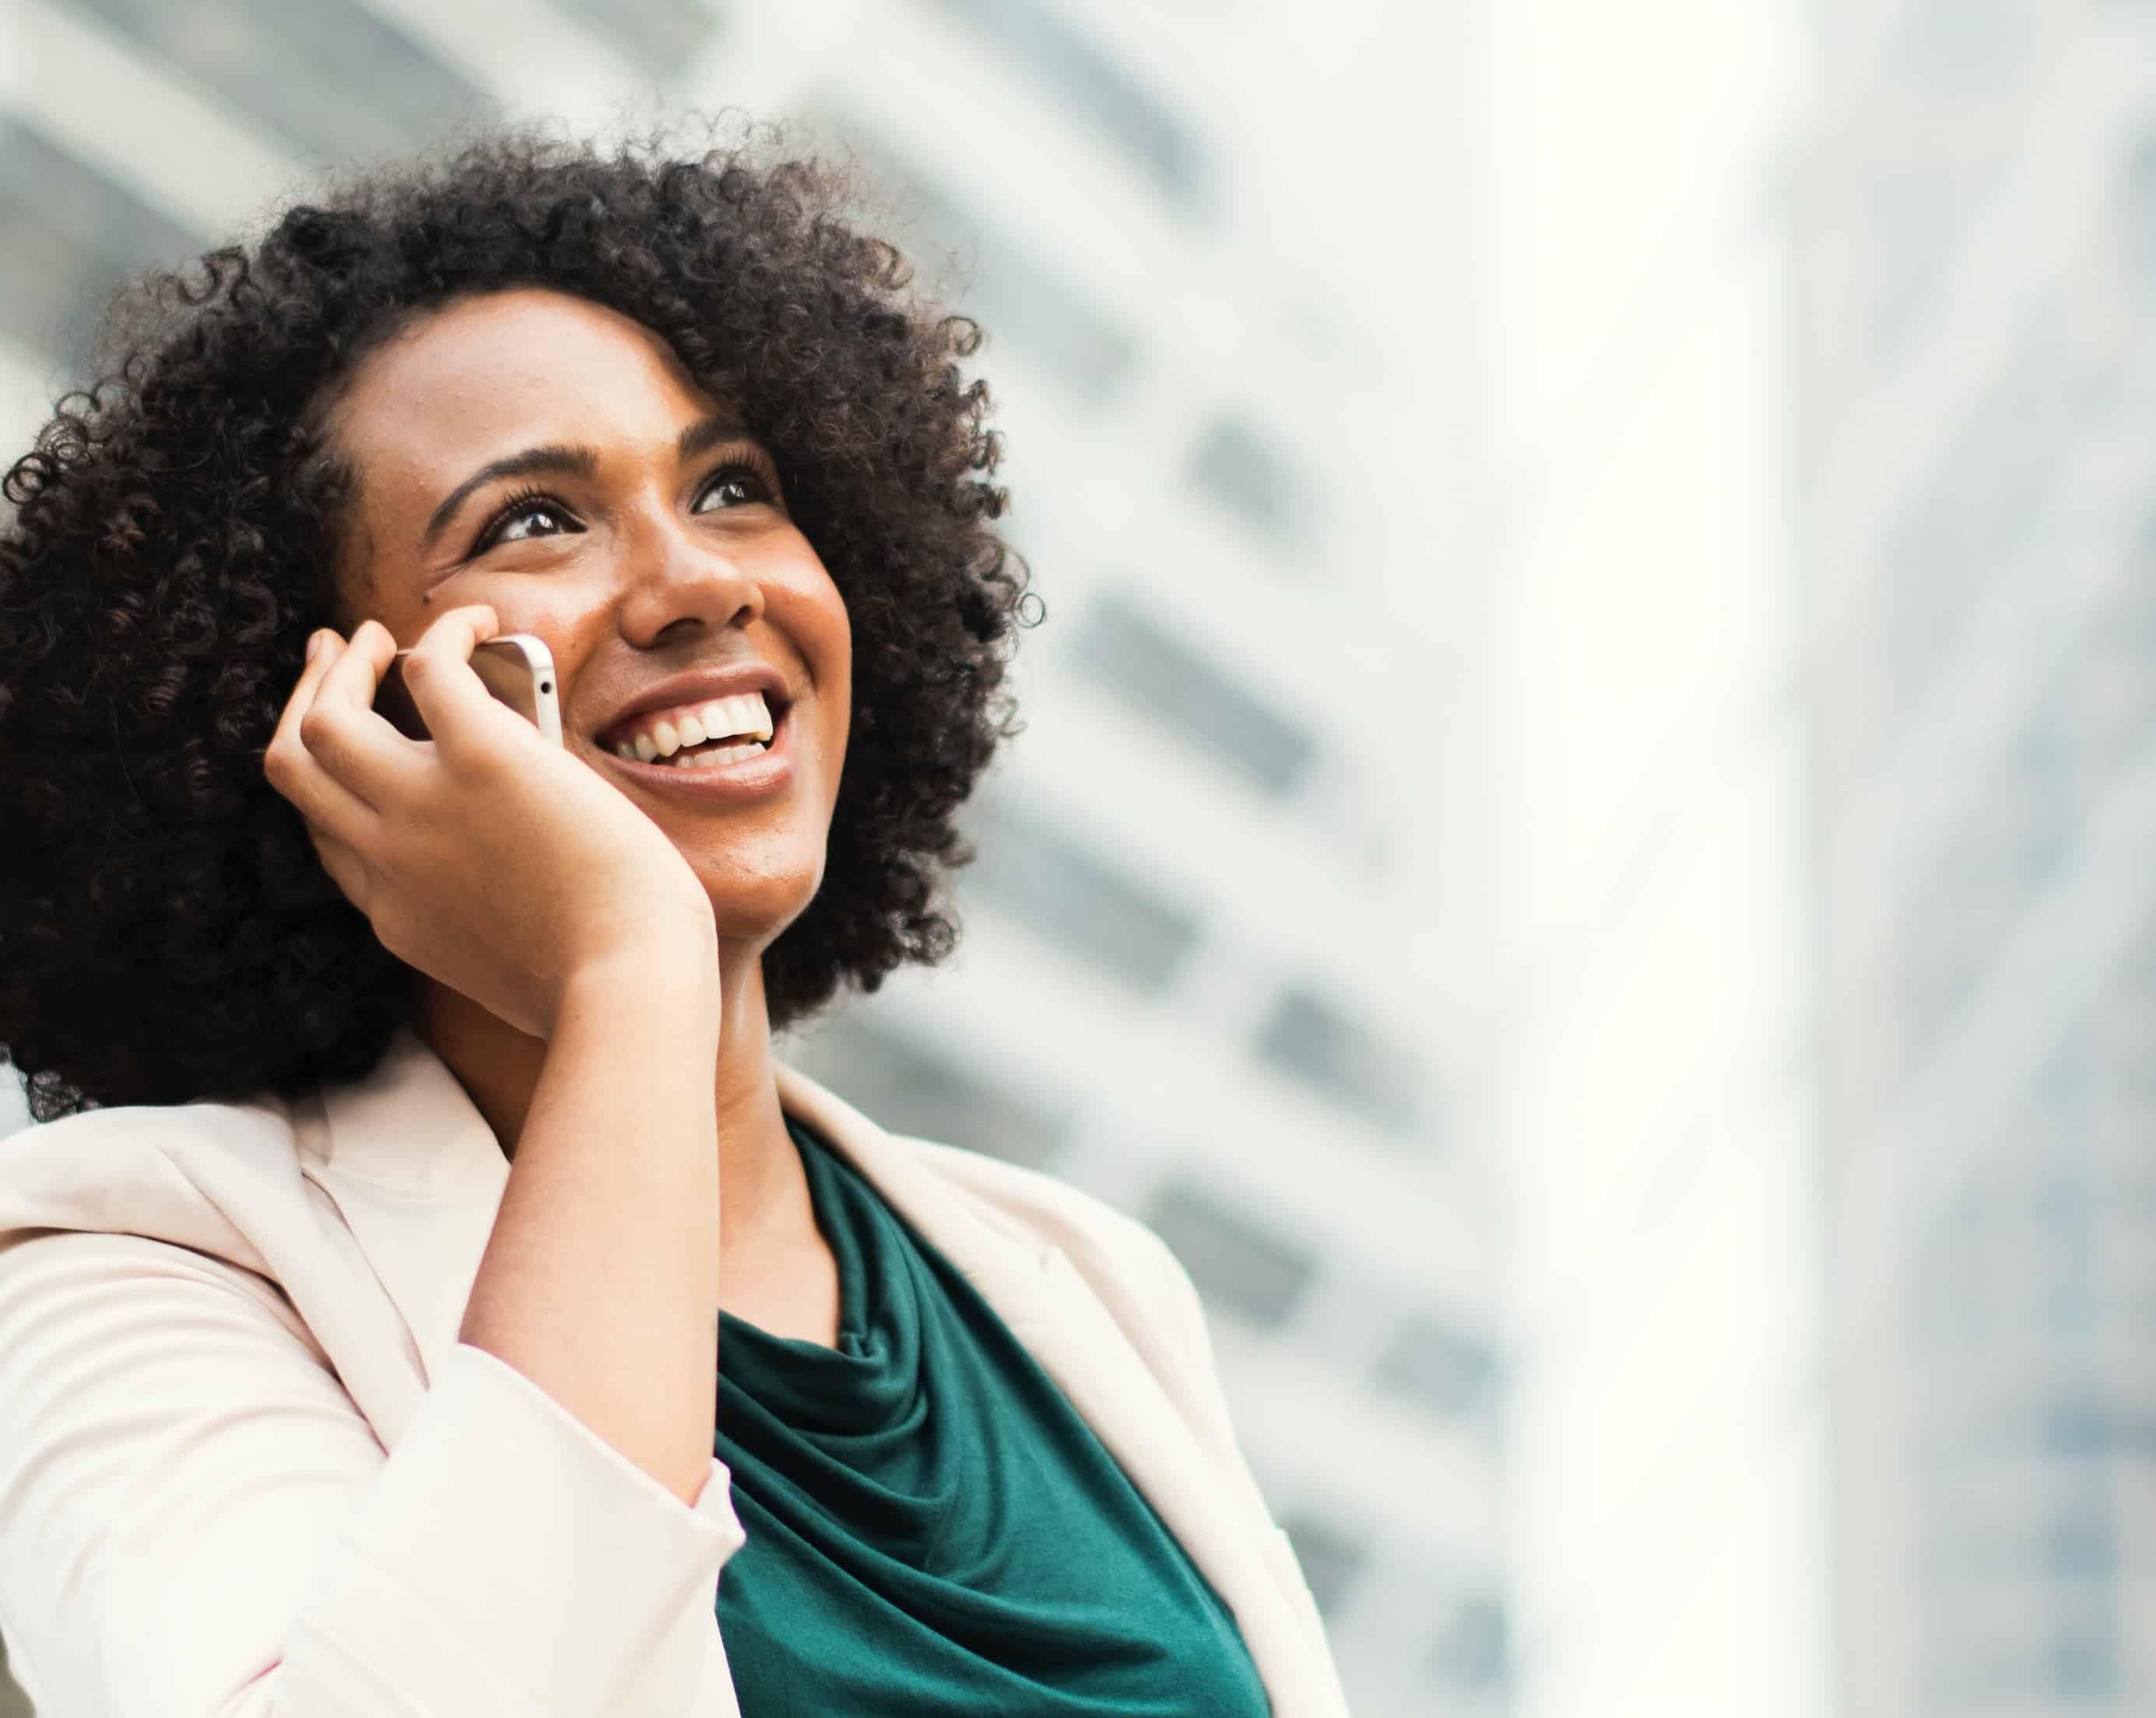 woman-talking-on-mobile-jpg1548759081.jpg